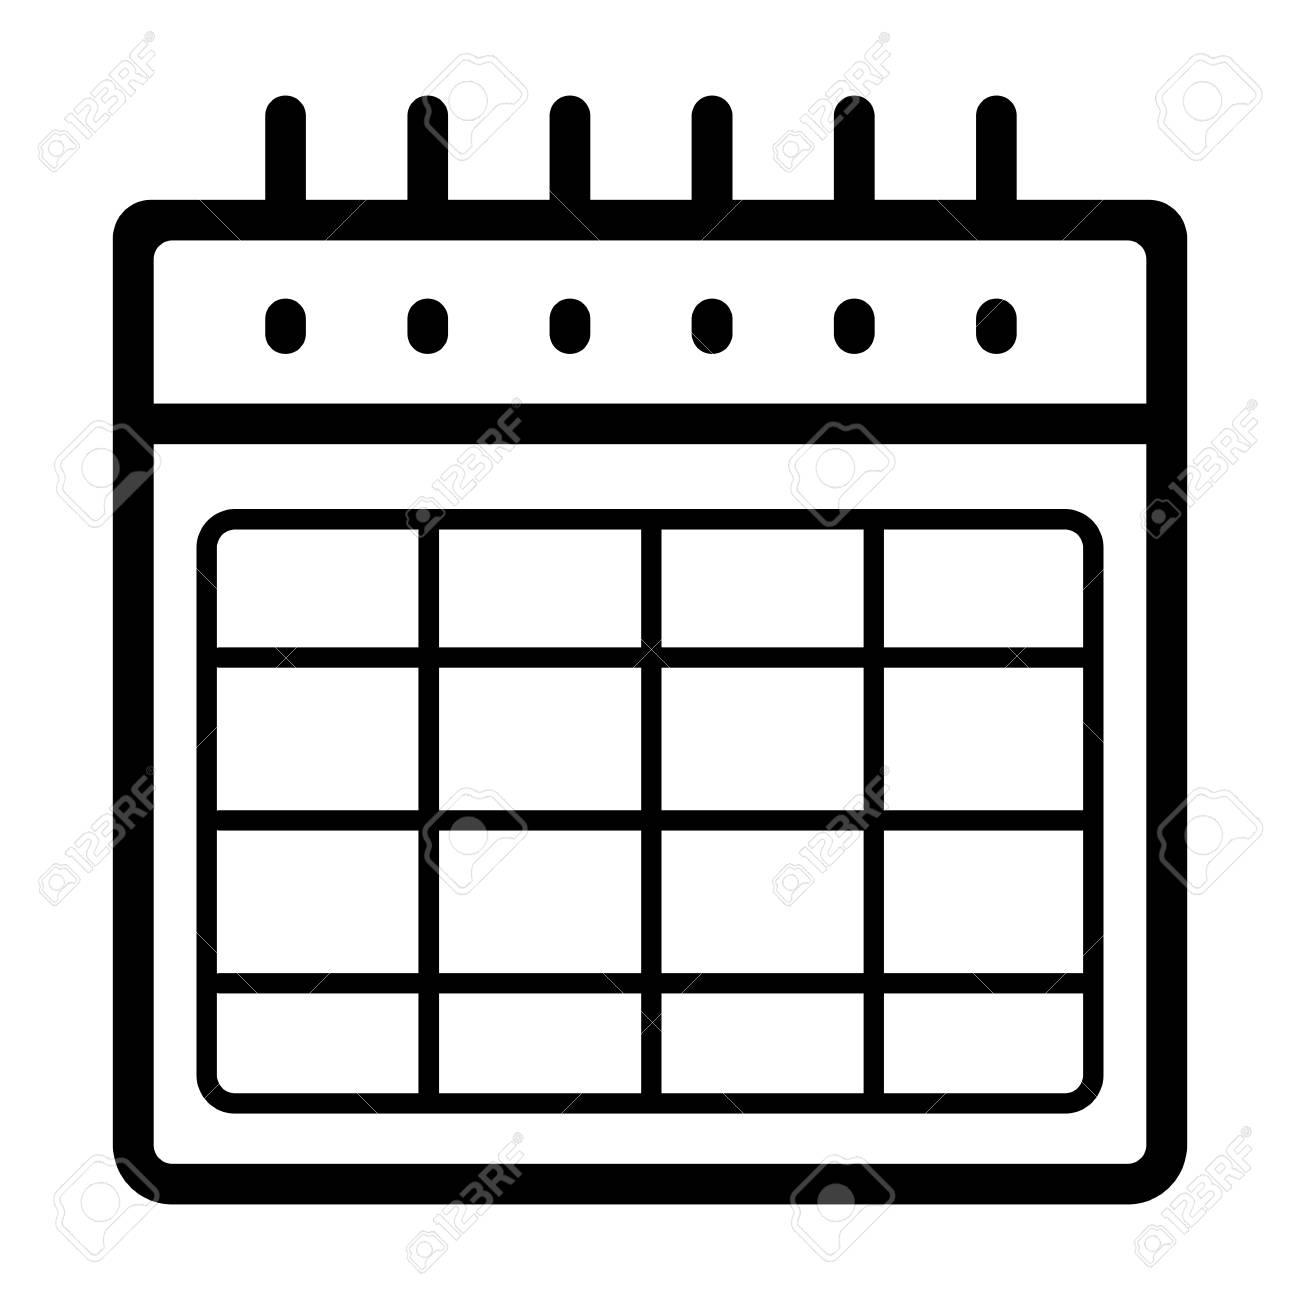 Calendario En Blanco.Calendario Icono De Vector En Blanco Ilustracion En Blanco Y Negro Del Calendario Icono De Organizador Lineal De Contorno